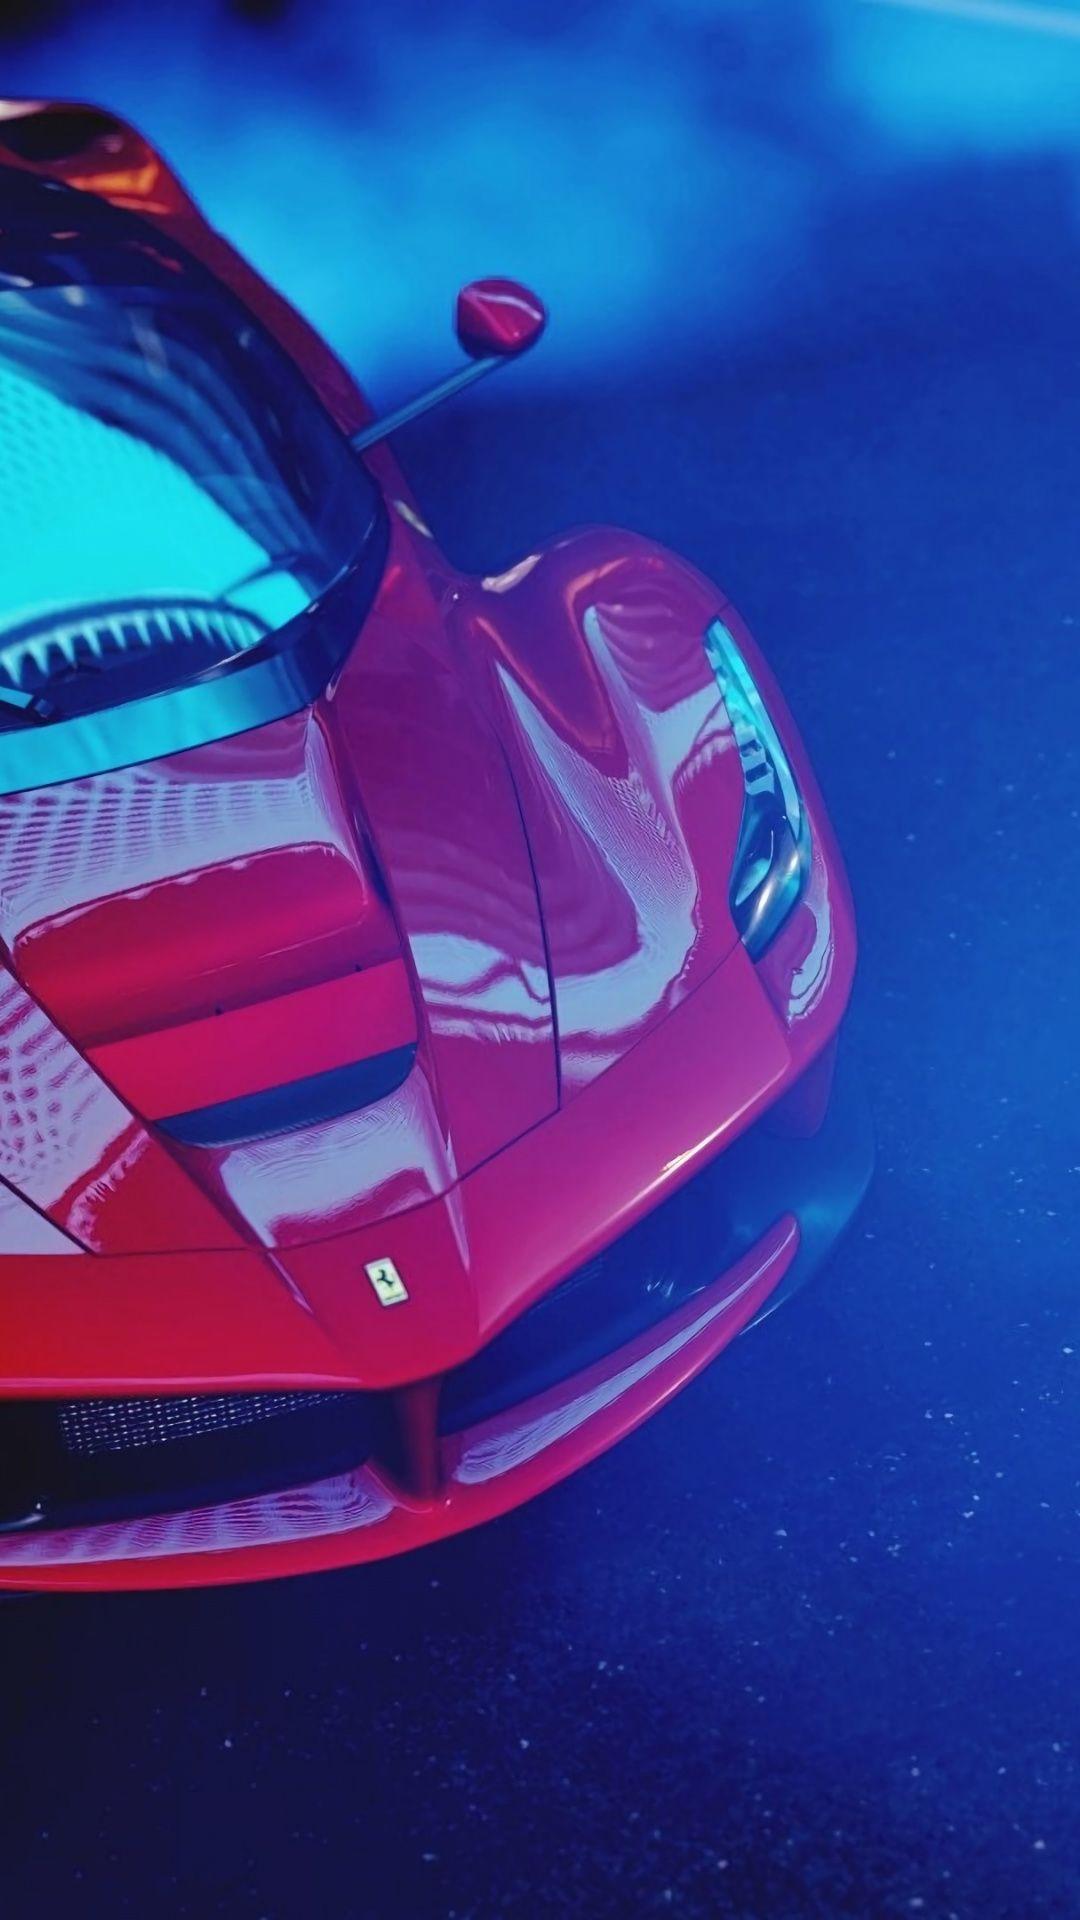 1080x1920 Wallpaper Sports Car Red Ferrari Laferrari Ferrari Laferrari Car Wallpapers Cars